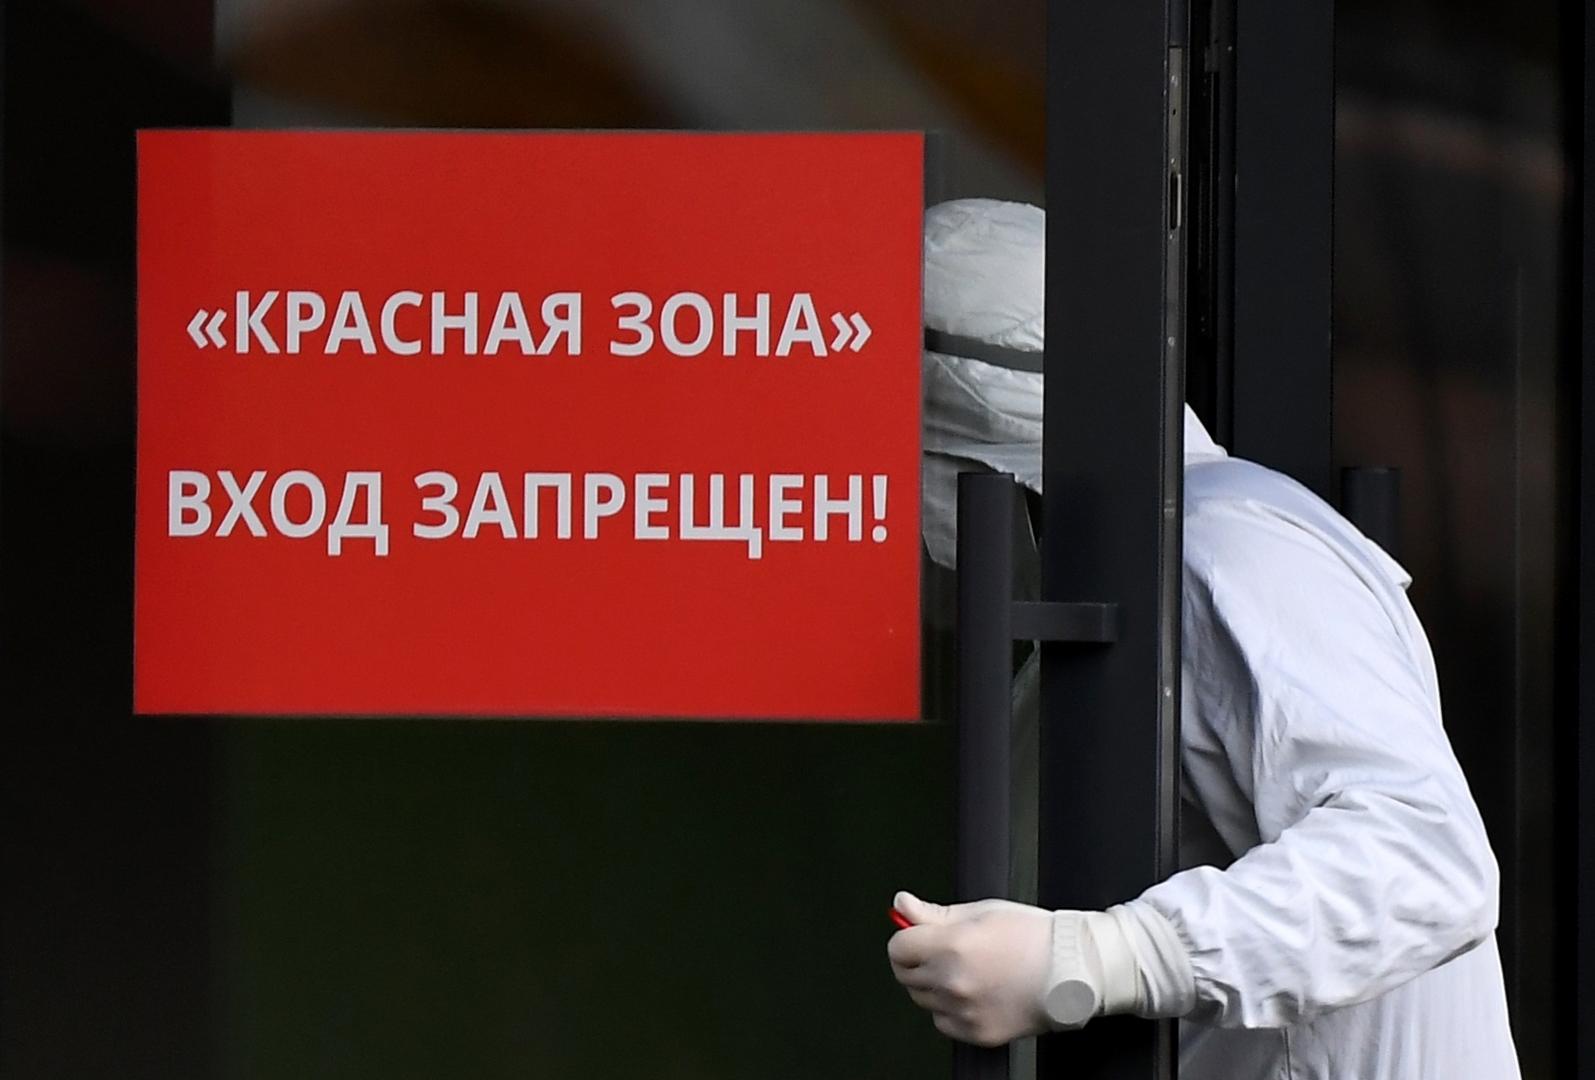 ارتفاع حاد غير مسبوق.. الإصابات اليومية بكورونا في روسيا تتخطى الـ36 ألفا والوفيات فوق الألف